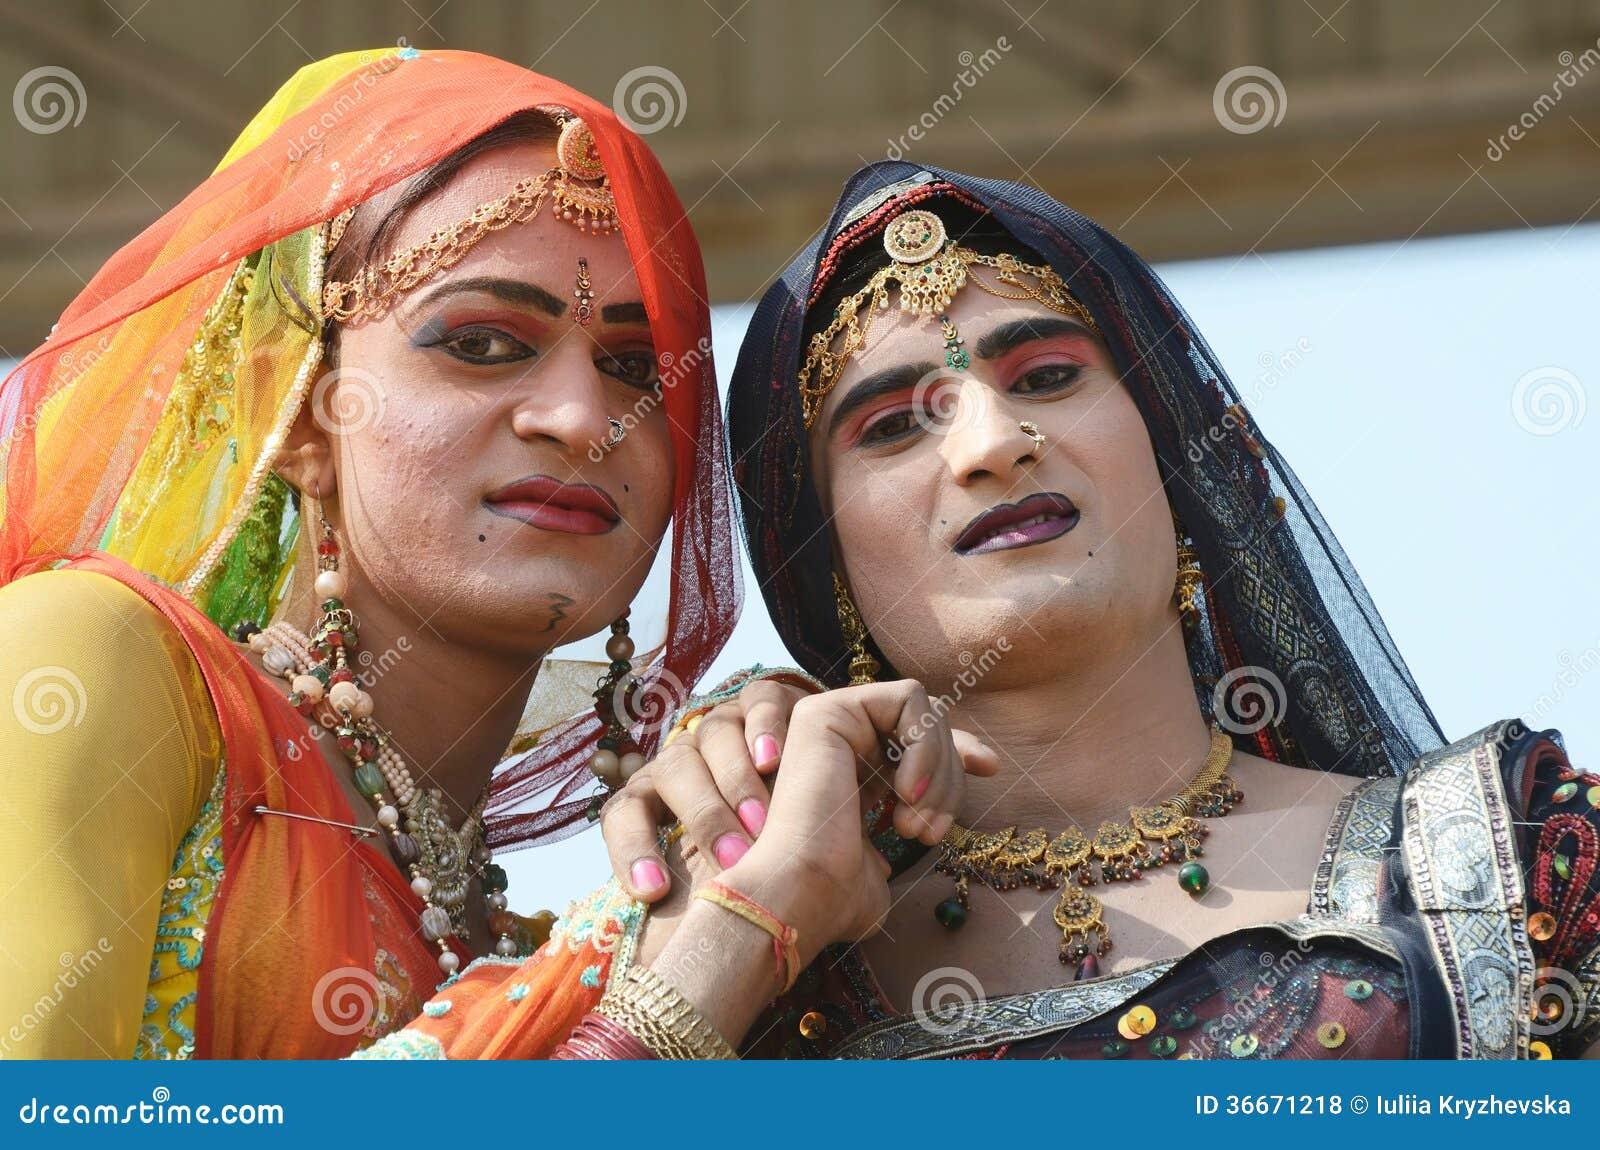 Deep anal indian hijra sex orgen image girls